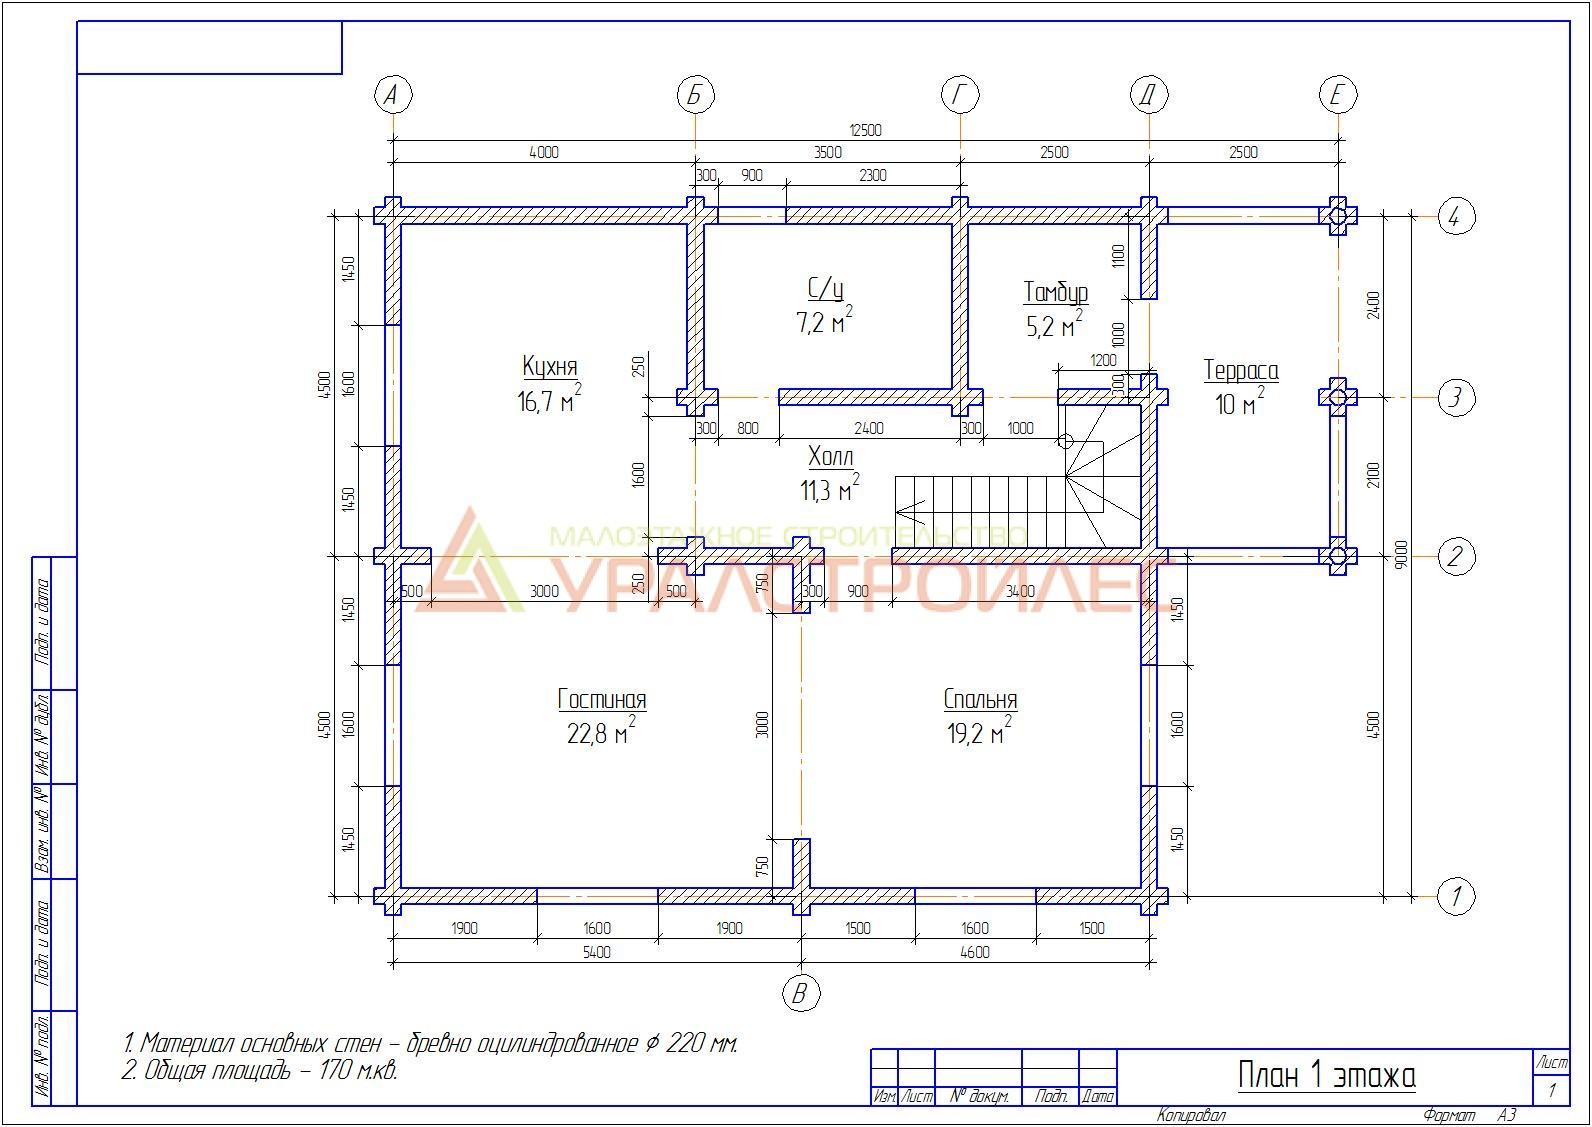 Проект №283, двухэтажный дом 12.5х9, общая площадь 170 кв.м. (диаметр бревна 220)